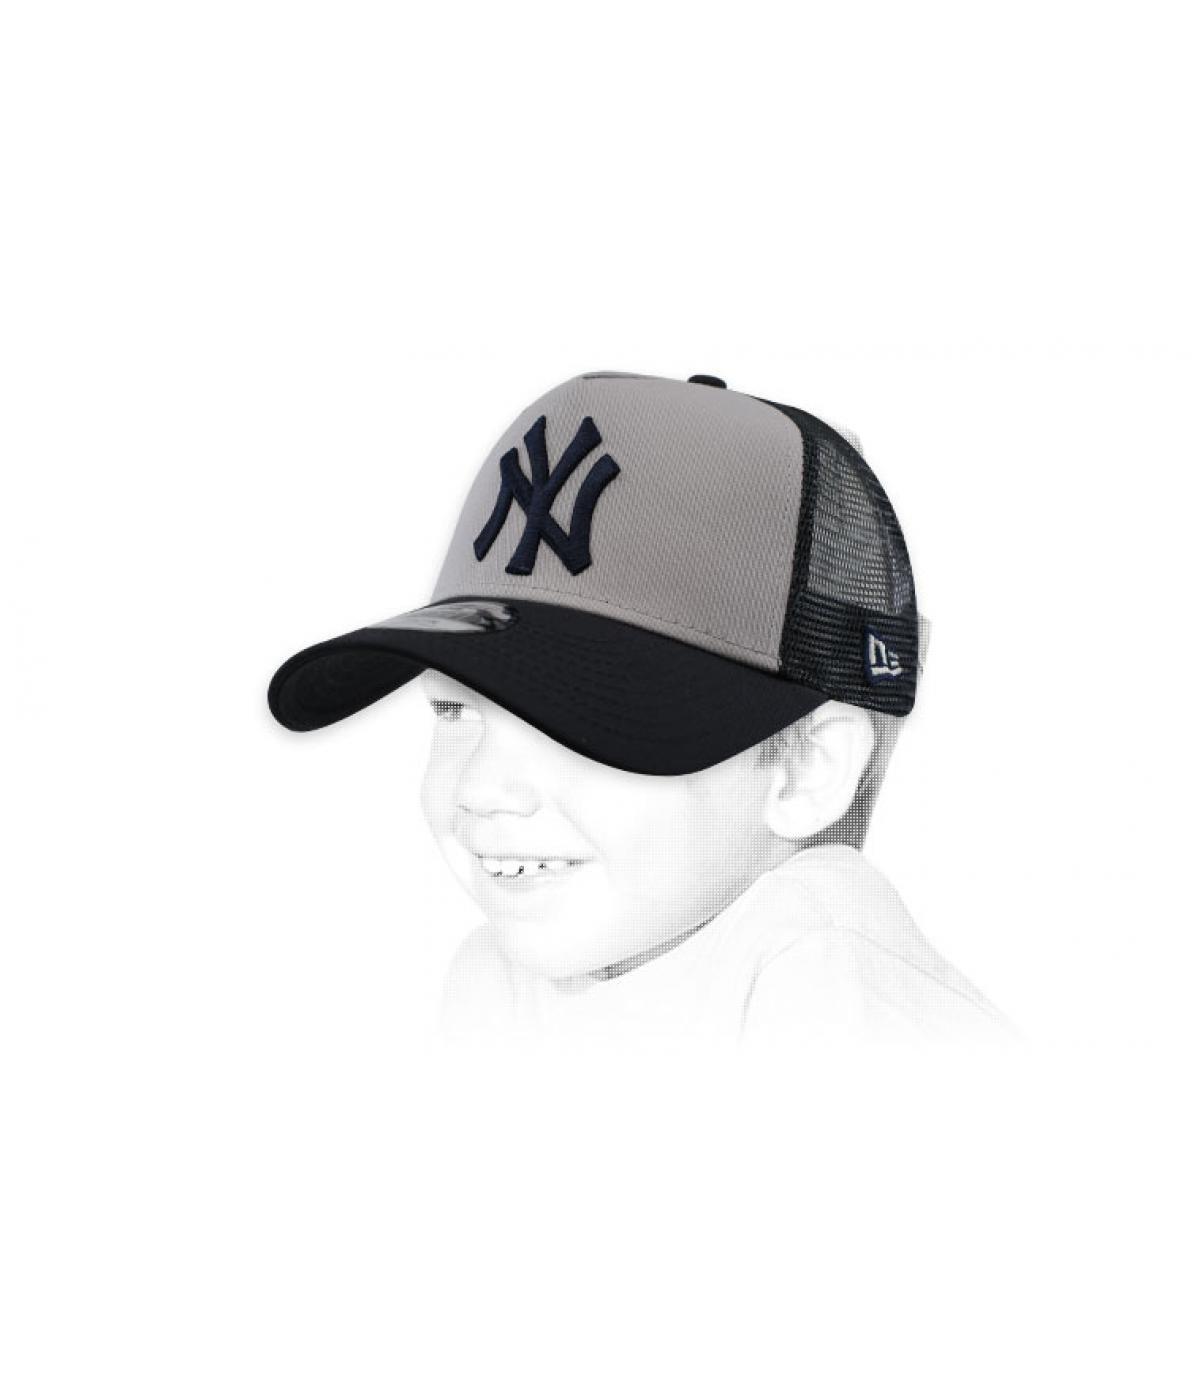 white grey NY trucker kids